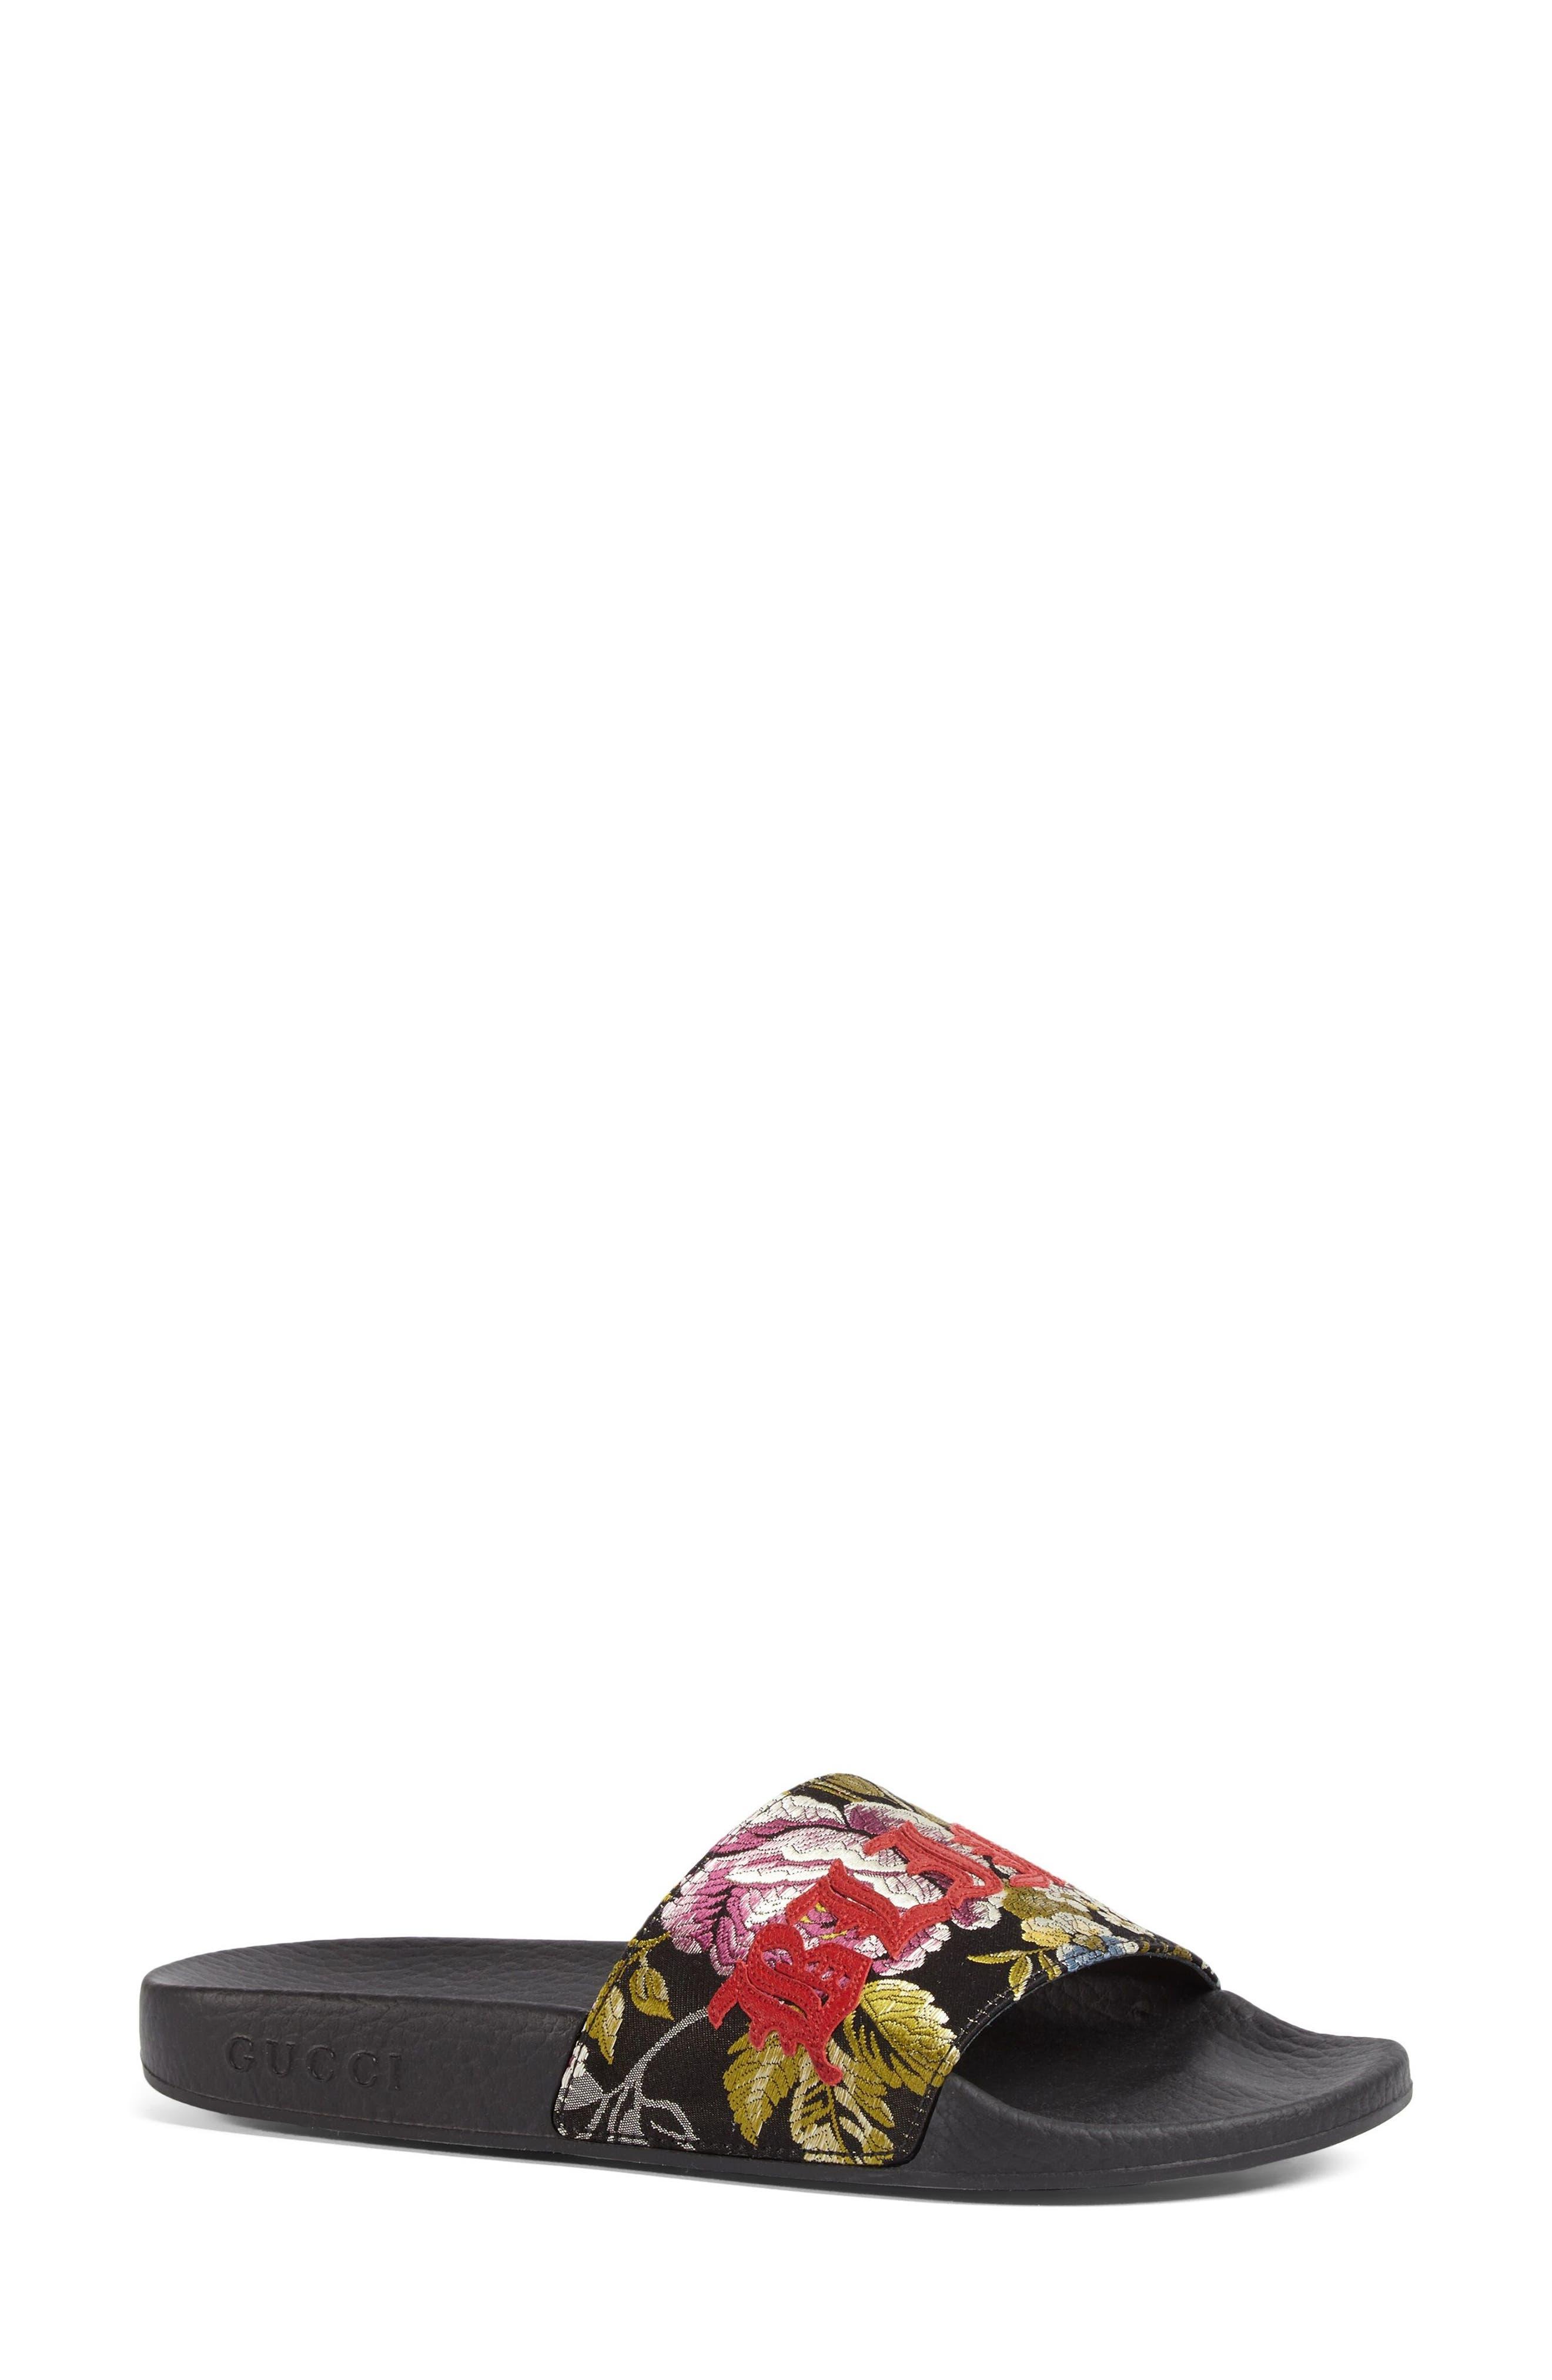 Alternate Image 3  - Gucci Pursuit Blind for Love Slide Sandal (Women)